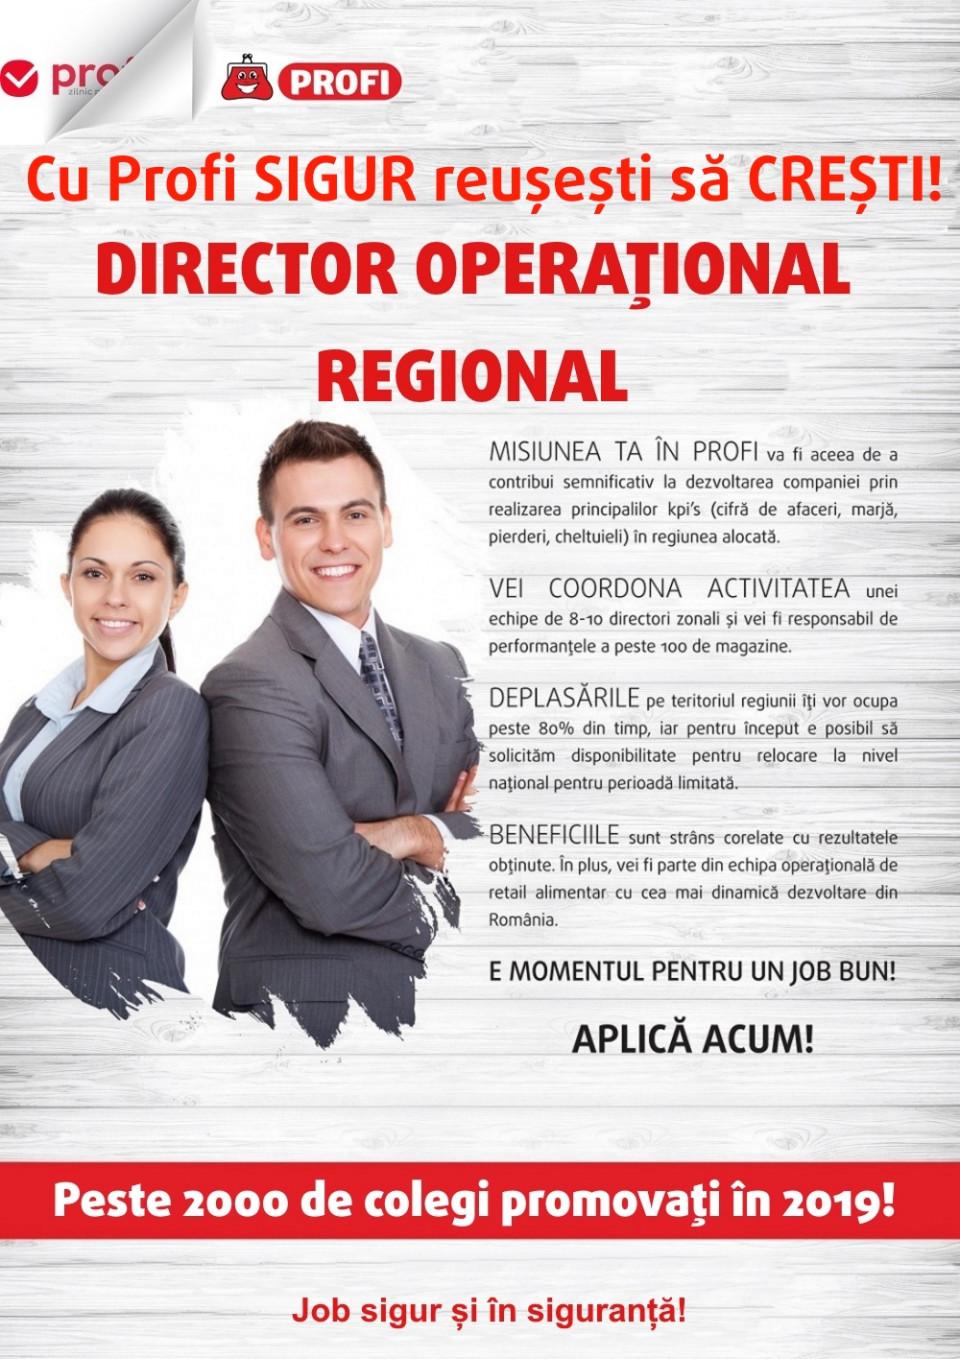 Director Operational Regional   De peste 20 ani, lanțul de magazine PROFI se dezvoltă continuu, având o expansiune accelerată, planificând să depășească în 2020 pragul de 1.300 de magazine în toată țara. PROFI este un angajator de top din retailul modern, cu o echipă dinamică, flexibilă și ambițioasă, formată din peste 21.000 de angajați. Susținem dezvoltarea și creșterea armonioasă a companiei PROFI prin identificarea de noi membri, deschiși, implicați și dornici să se dezvolte profesional într-un mediu competitiv. Abia așteptăm să aflăm mai multe și despre tine și să ne cunoaștem!